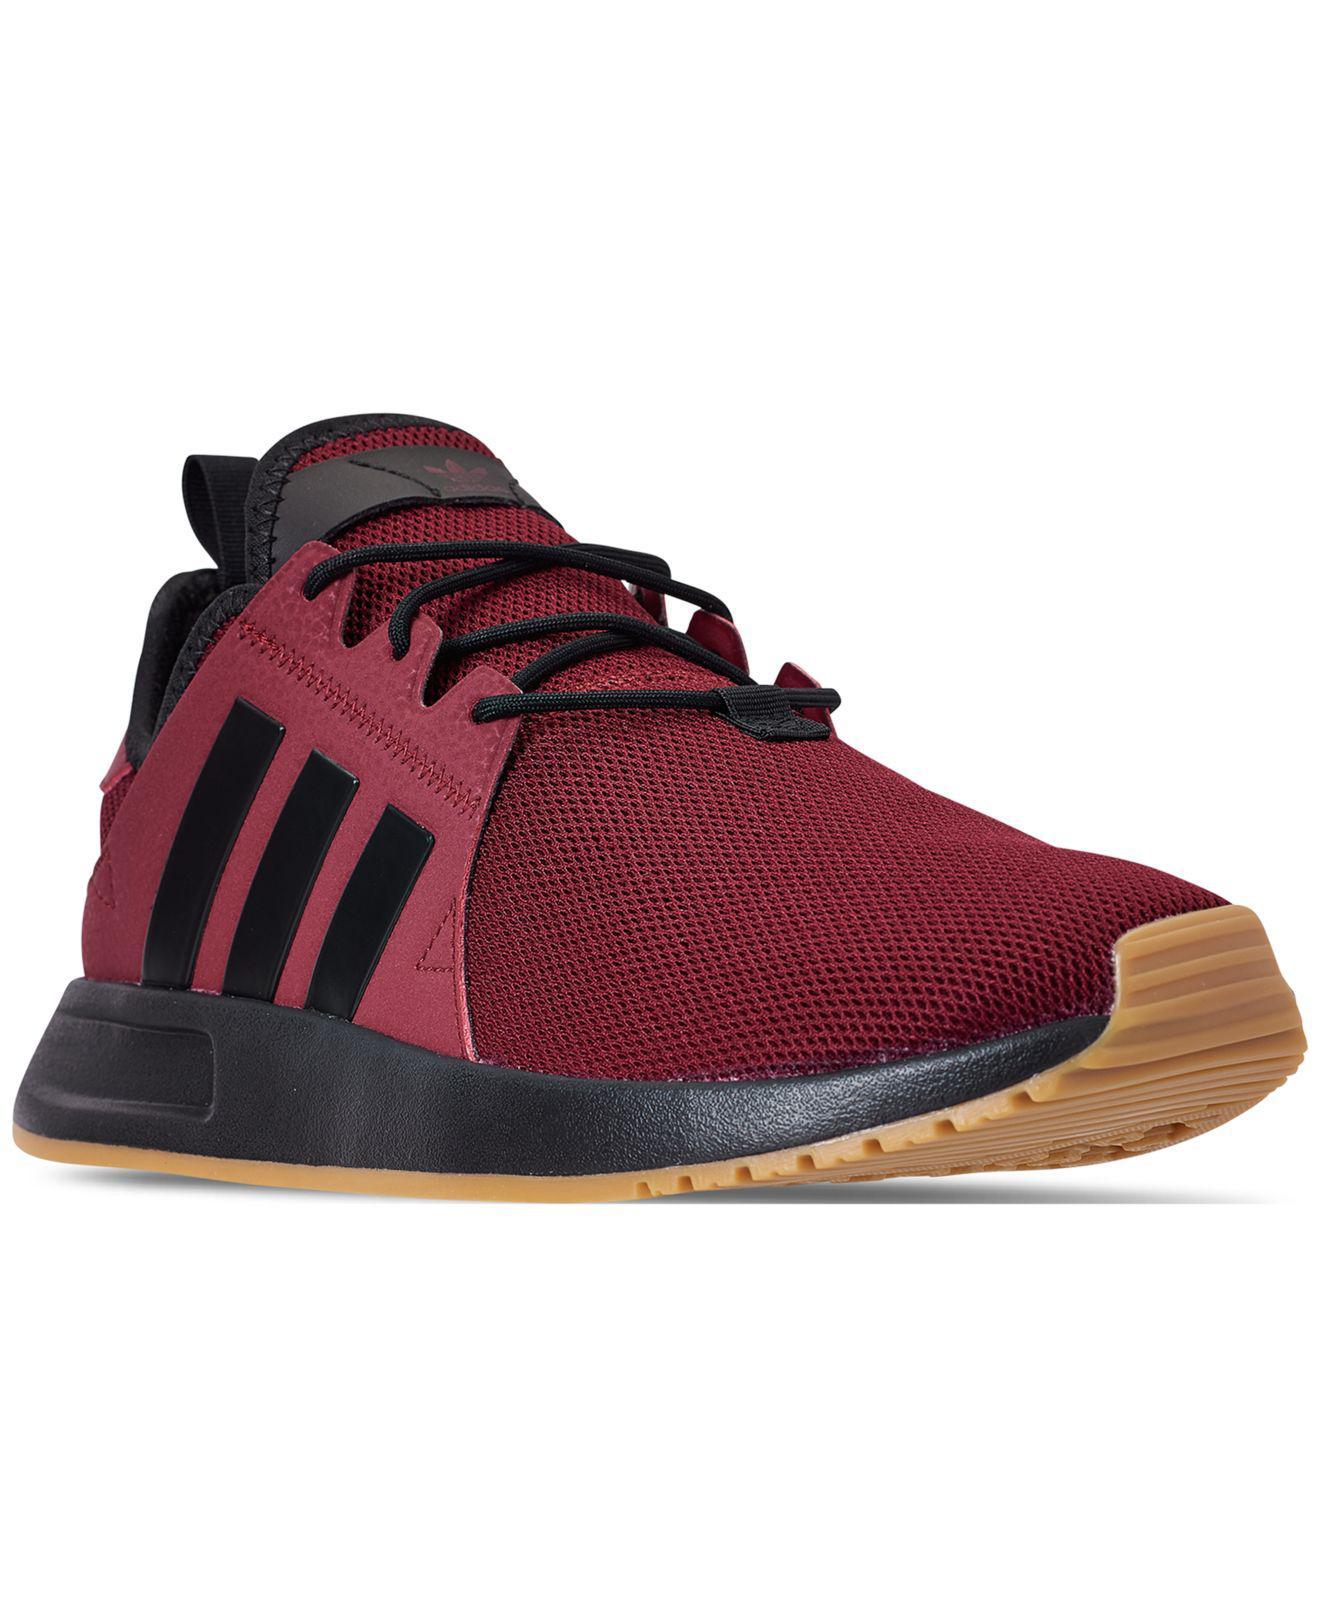 brand new 20afc fa511 adidas. Men s Originals Xplr Casual Sneakers ...